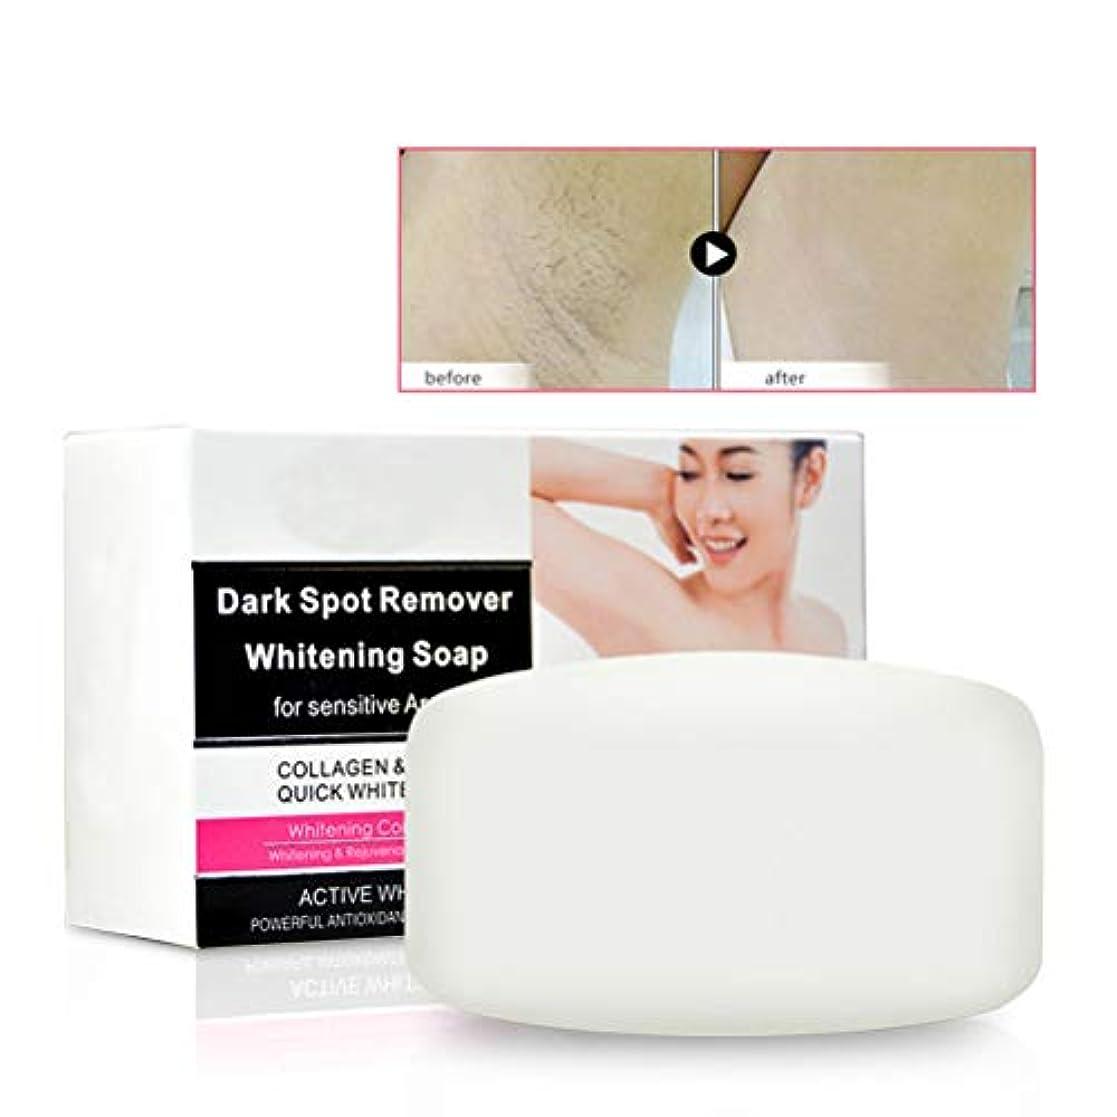 ルート反動supbel 洗顔石鹸 石鹸 ホワイトニング ソープ 保湿 水分補給 毛穴 自然乾燥仕上げ そばかすに対策 美肌 毛穴対策 シャワー用 バスト ワキ 肘 膝 ボディケア 美白